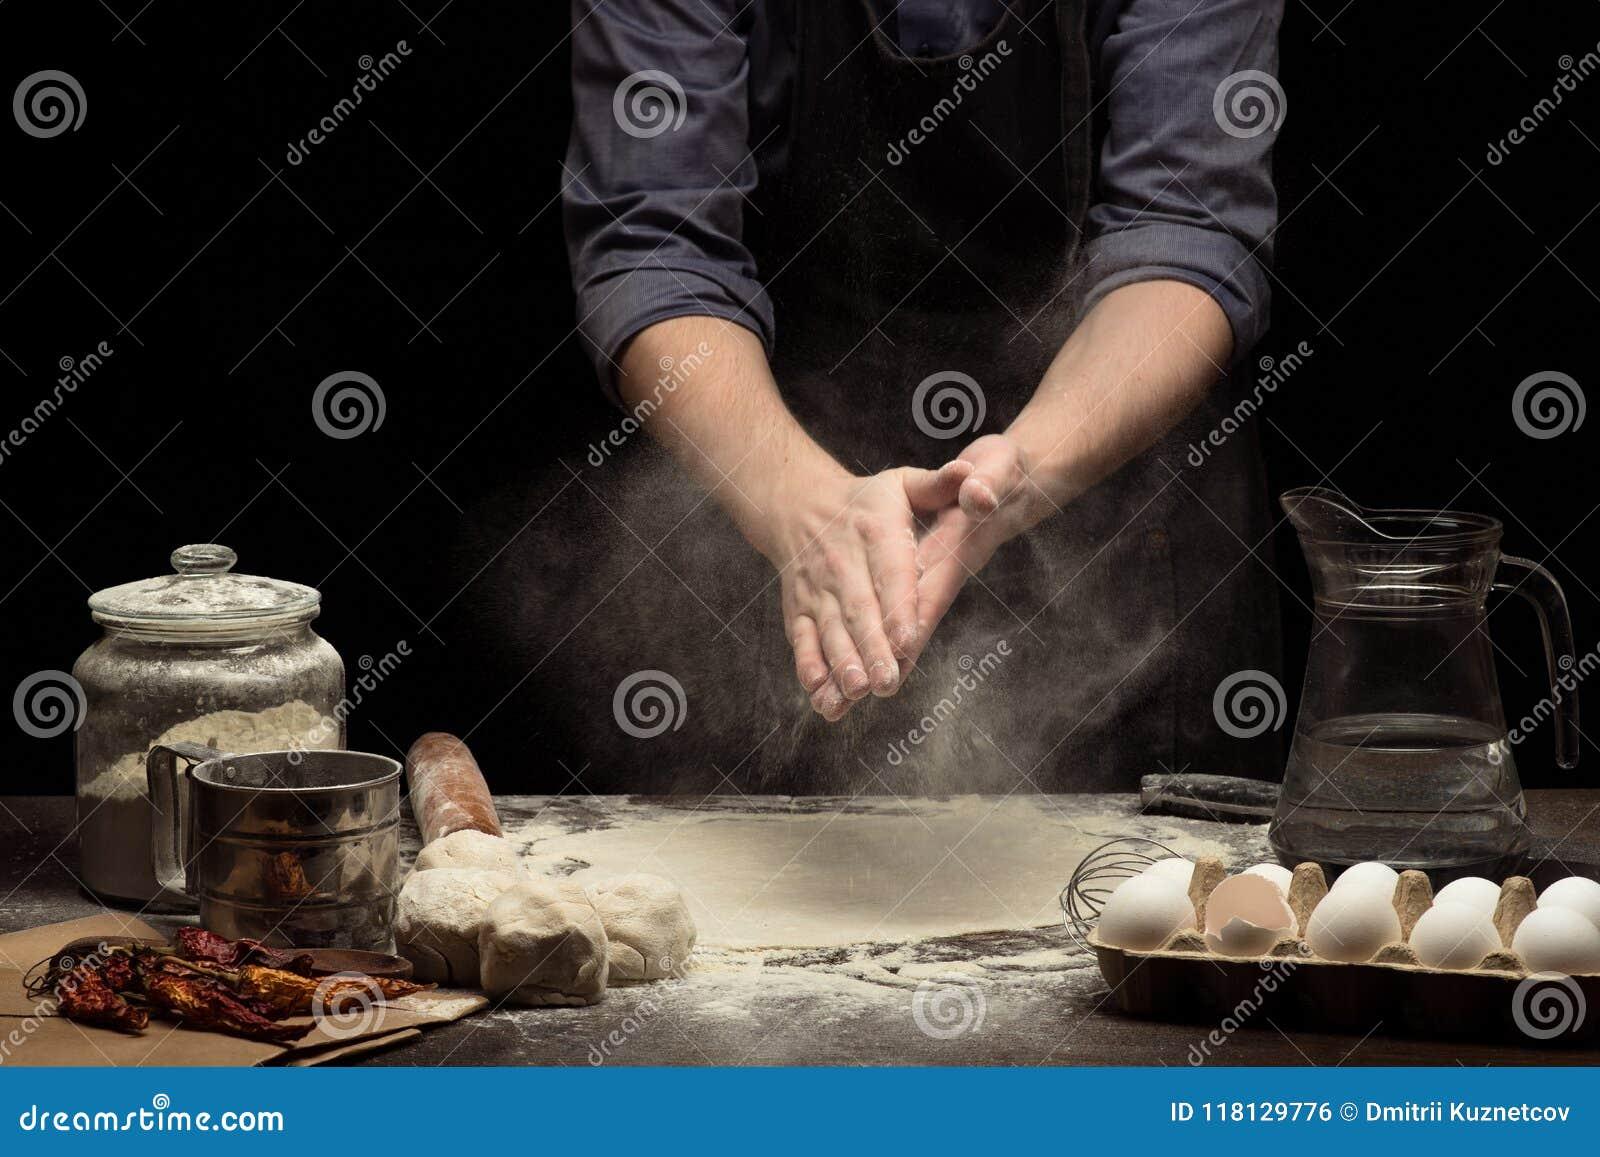 As mãos do cozinheiro chefe estão funcionando com farinha de trigo para fazer uma massa